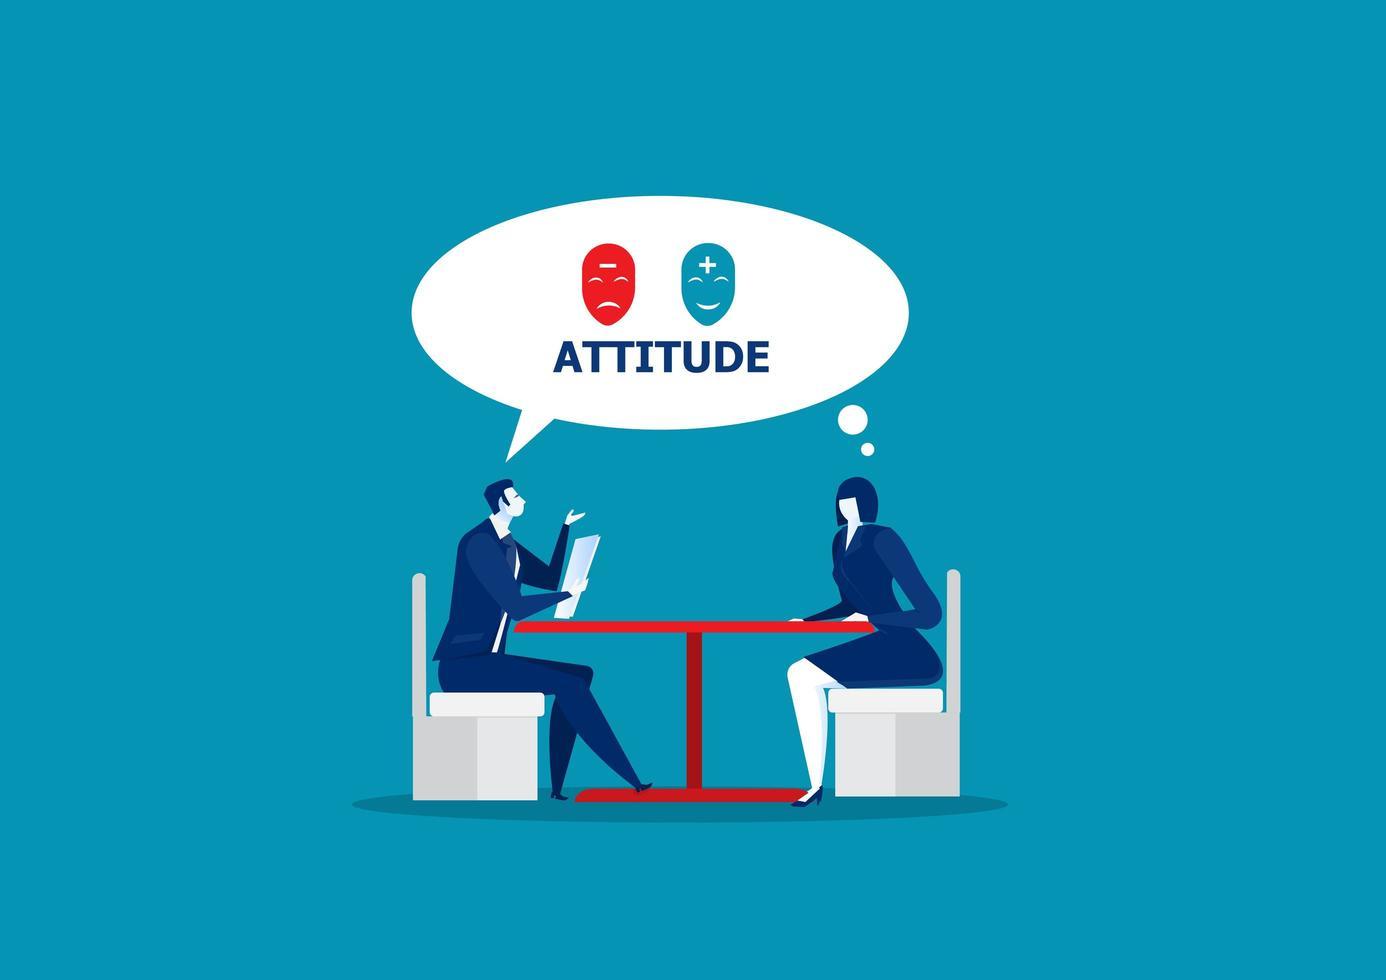 capo verifica l'atteggiamento durante il colloquio di lavoro vettore